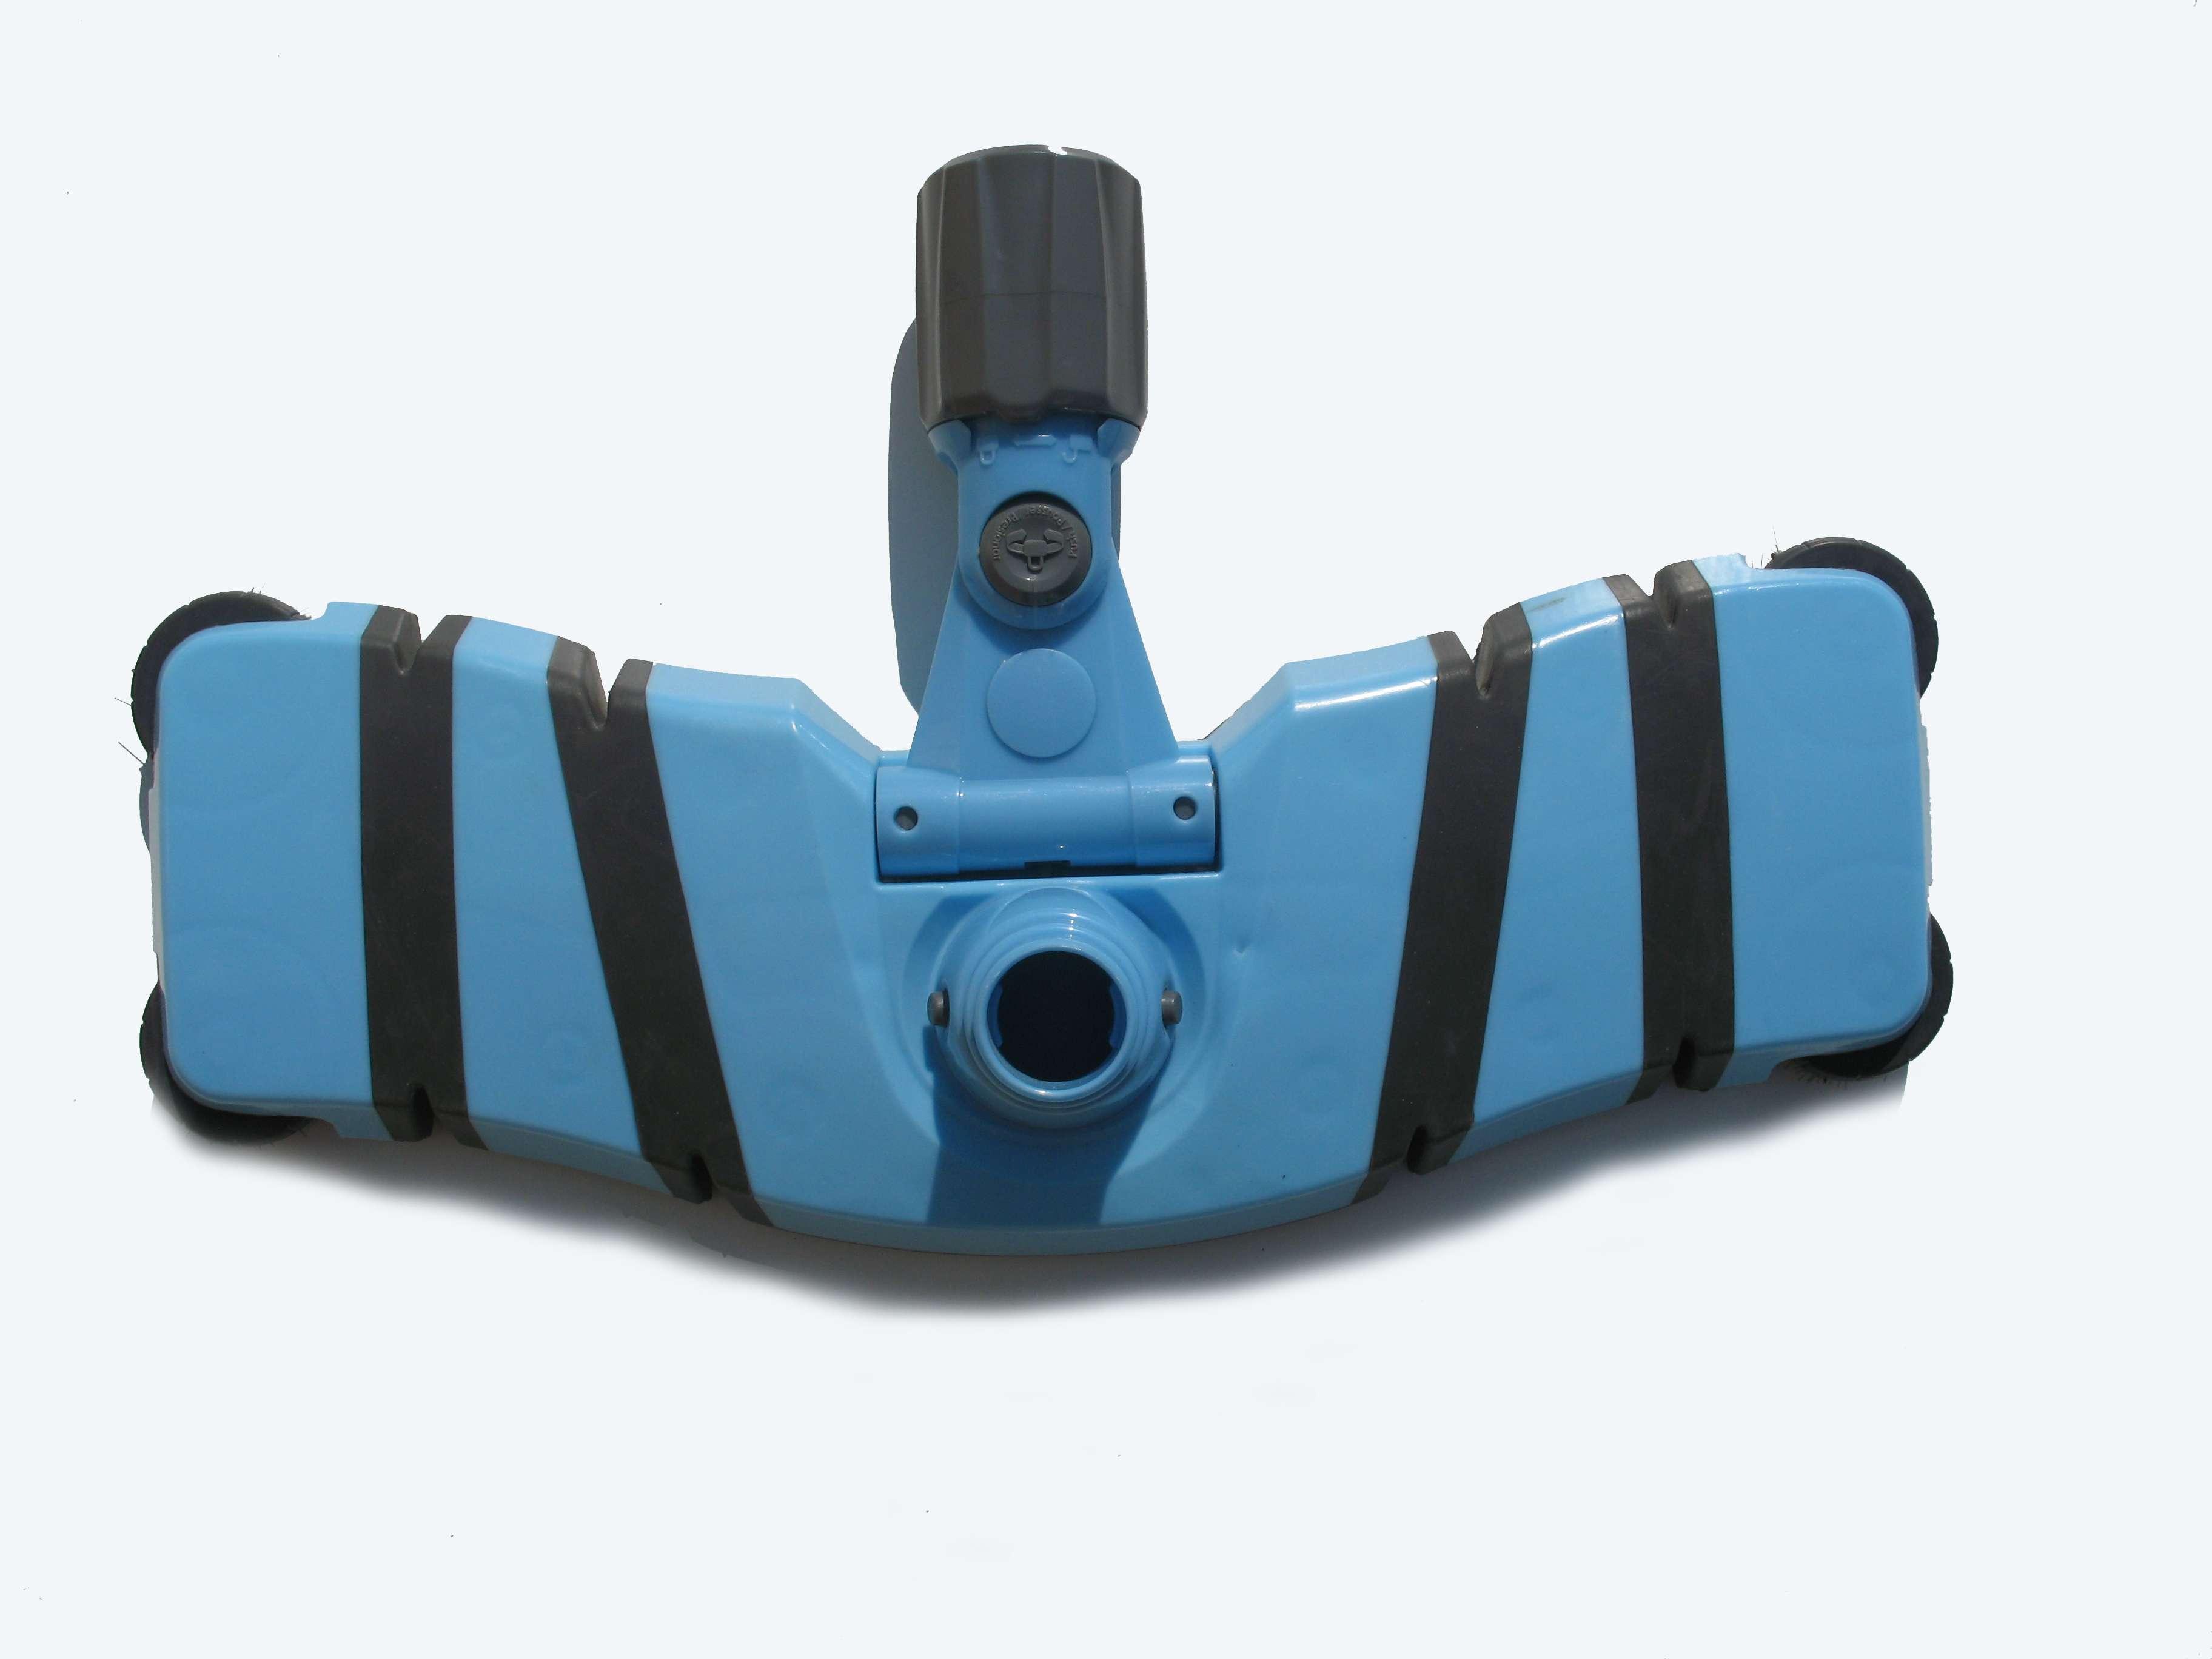 Scopa rettangolare aspirante flessibile serie 11 1000 for Scopa per piscina